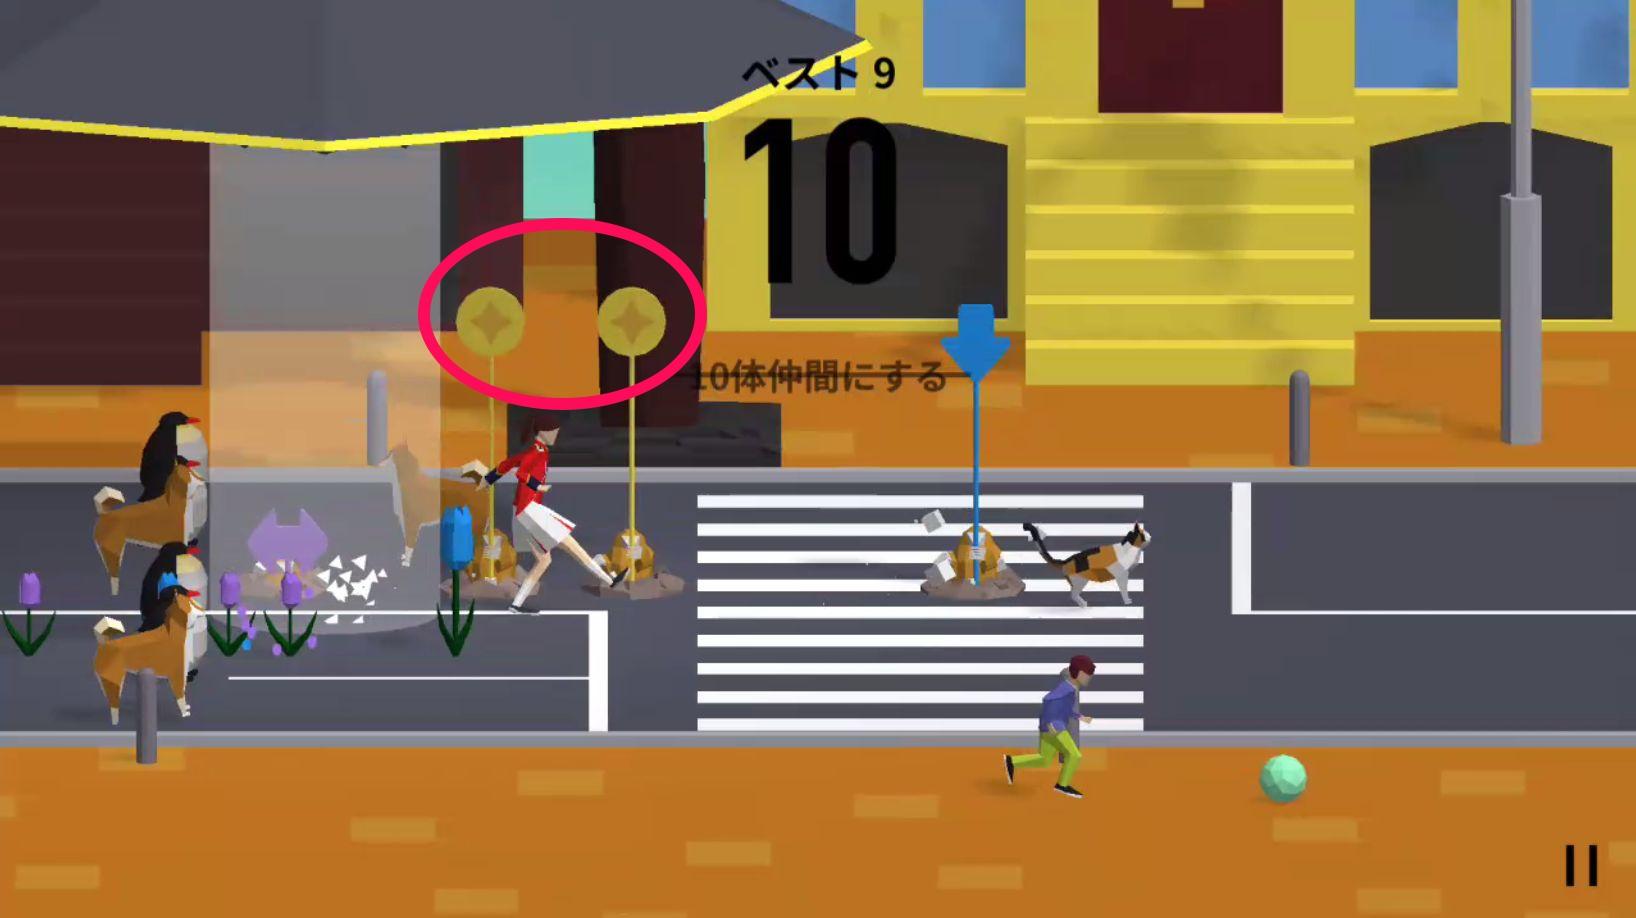 今すぐ遊べるTop20入りゲーム!無料ゲーム編【Indie Games Festival 2018】